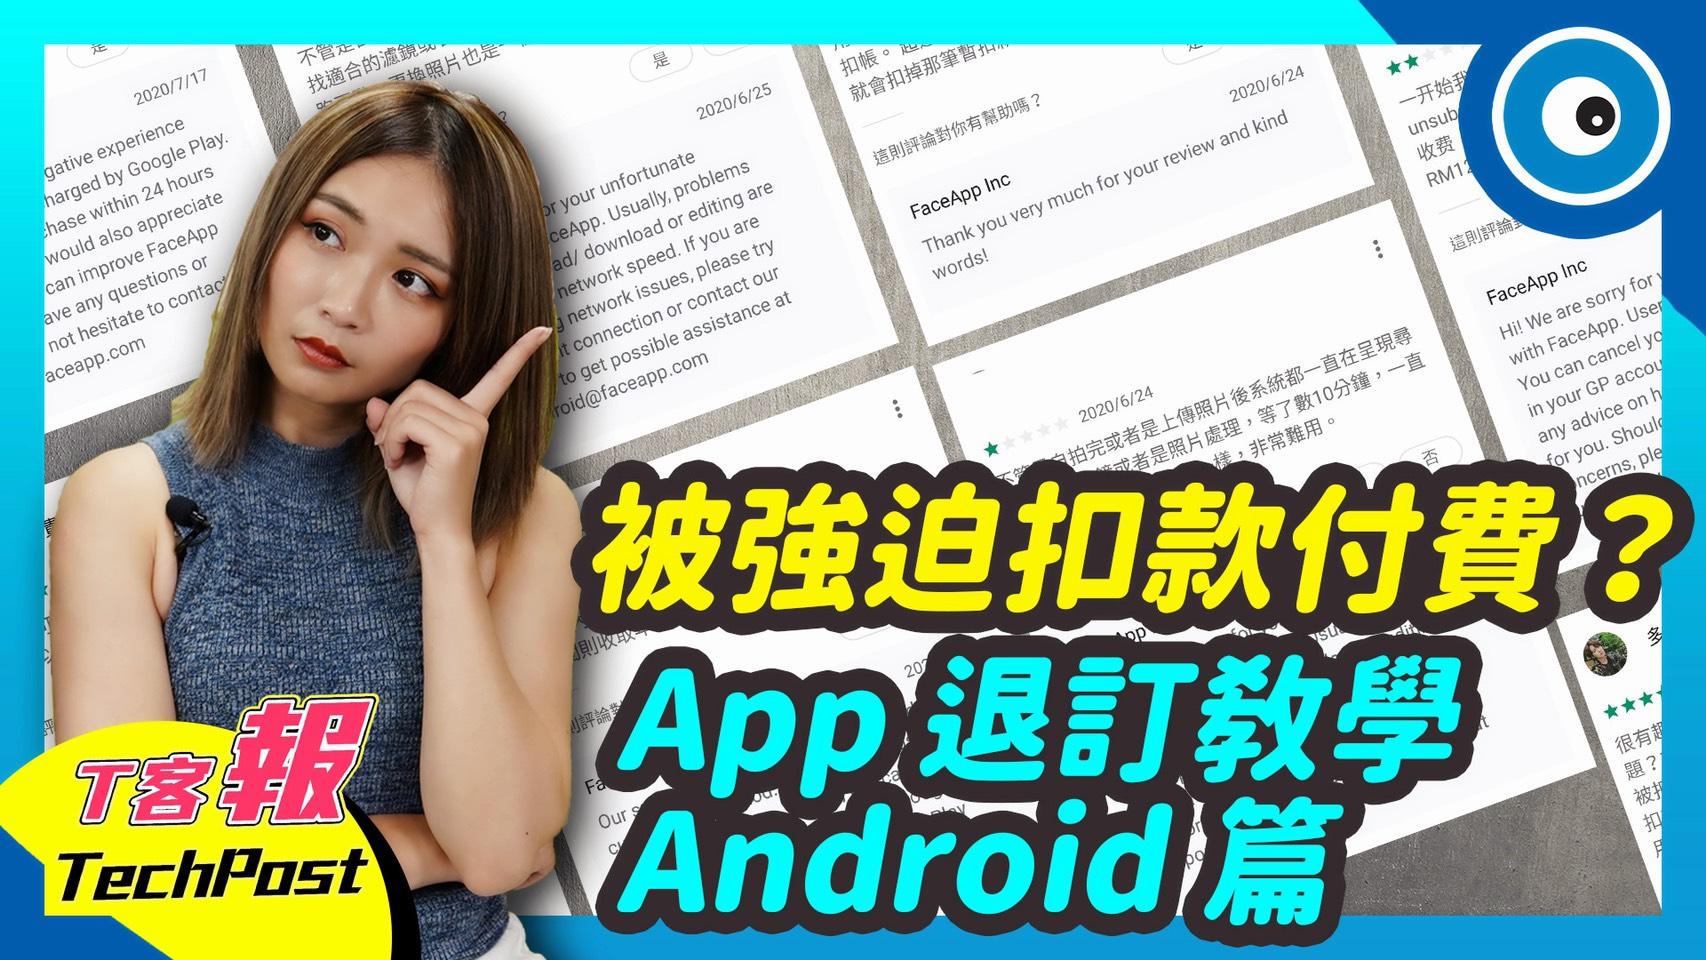 【T客報】被強迫收費付款?簡單操作取消訂閱與申請退費_Android篇